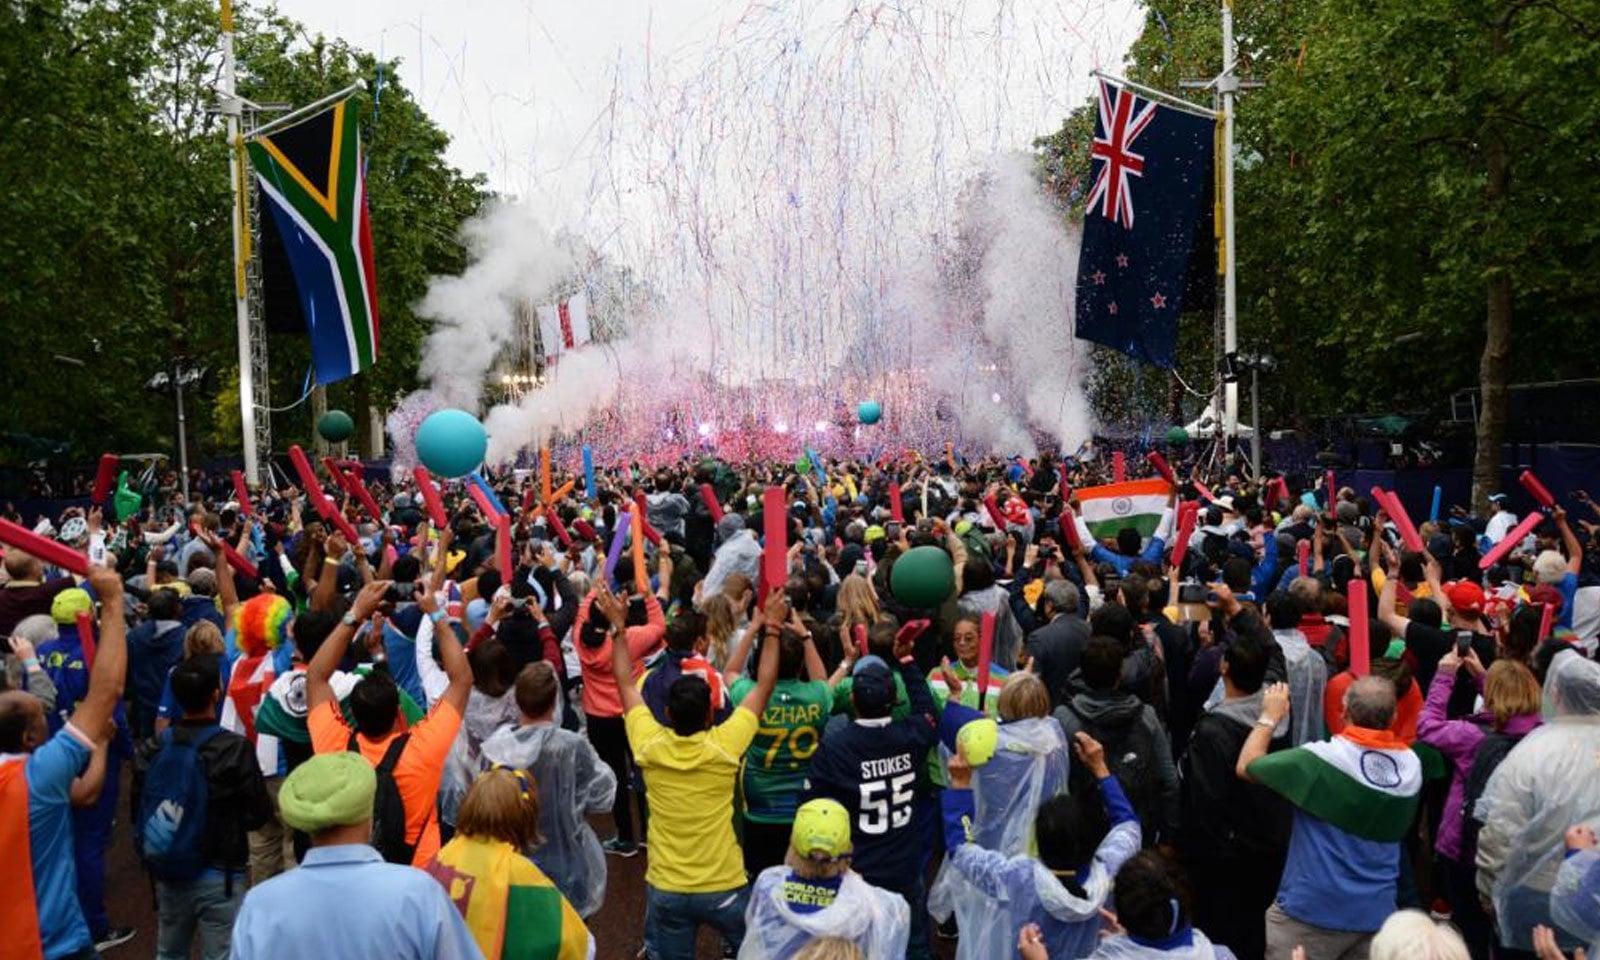 ورلڈ کپ 2019 کی اوپننگ پارٹی میں عوام کی بڑی تعداد نے شرکت کی — فوٹو : ورلڈ کپ ٹوئٹر